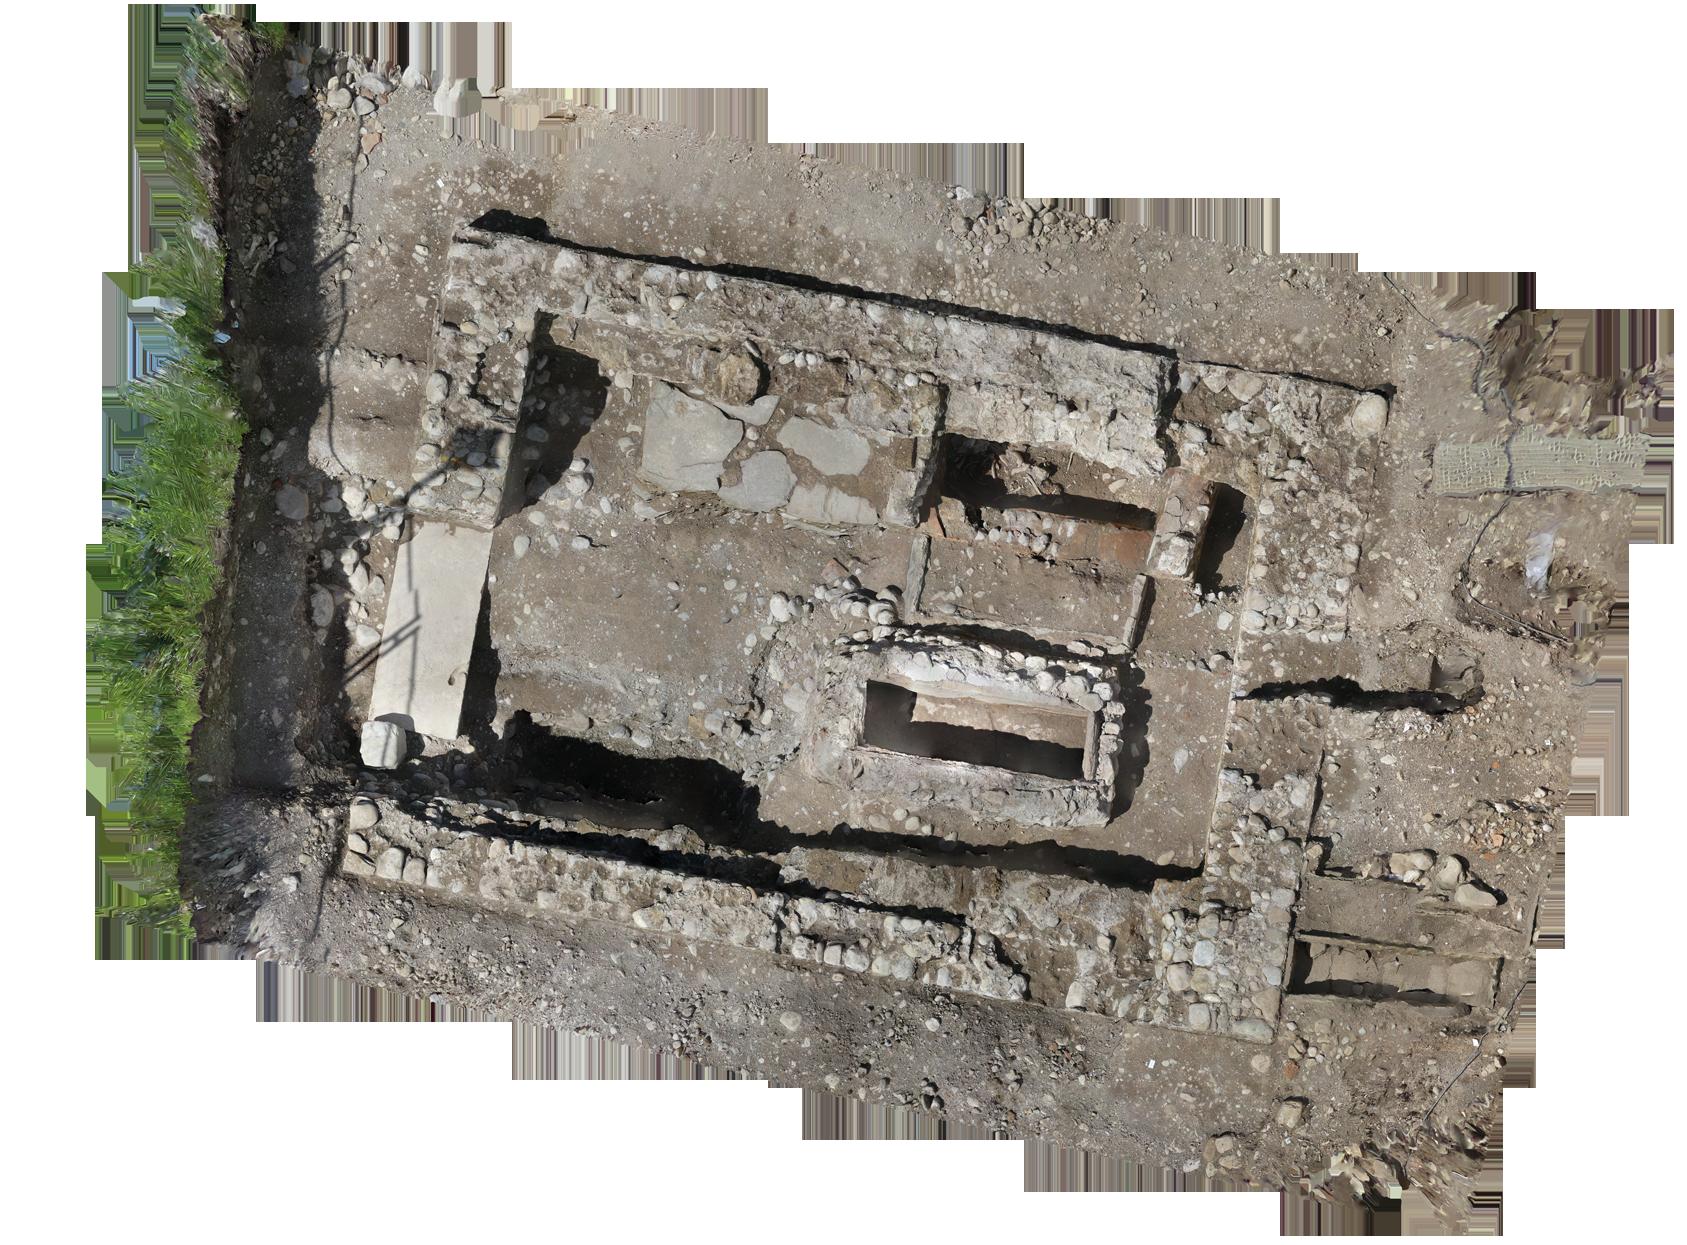 Le bâtiment maçonné en cours de fouille possède en son centre une sépulture dans un coffre maçonné.